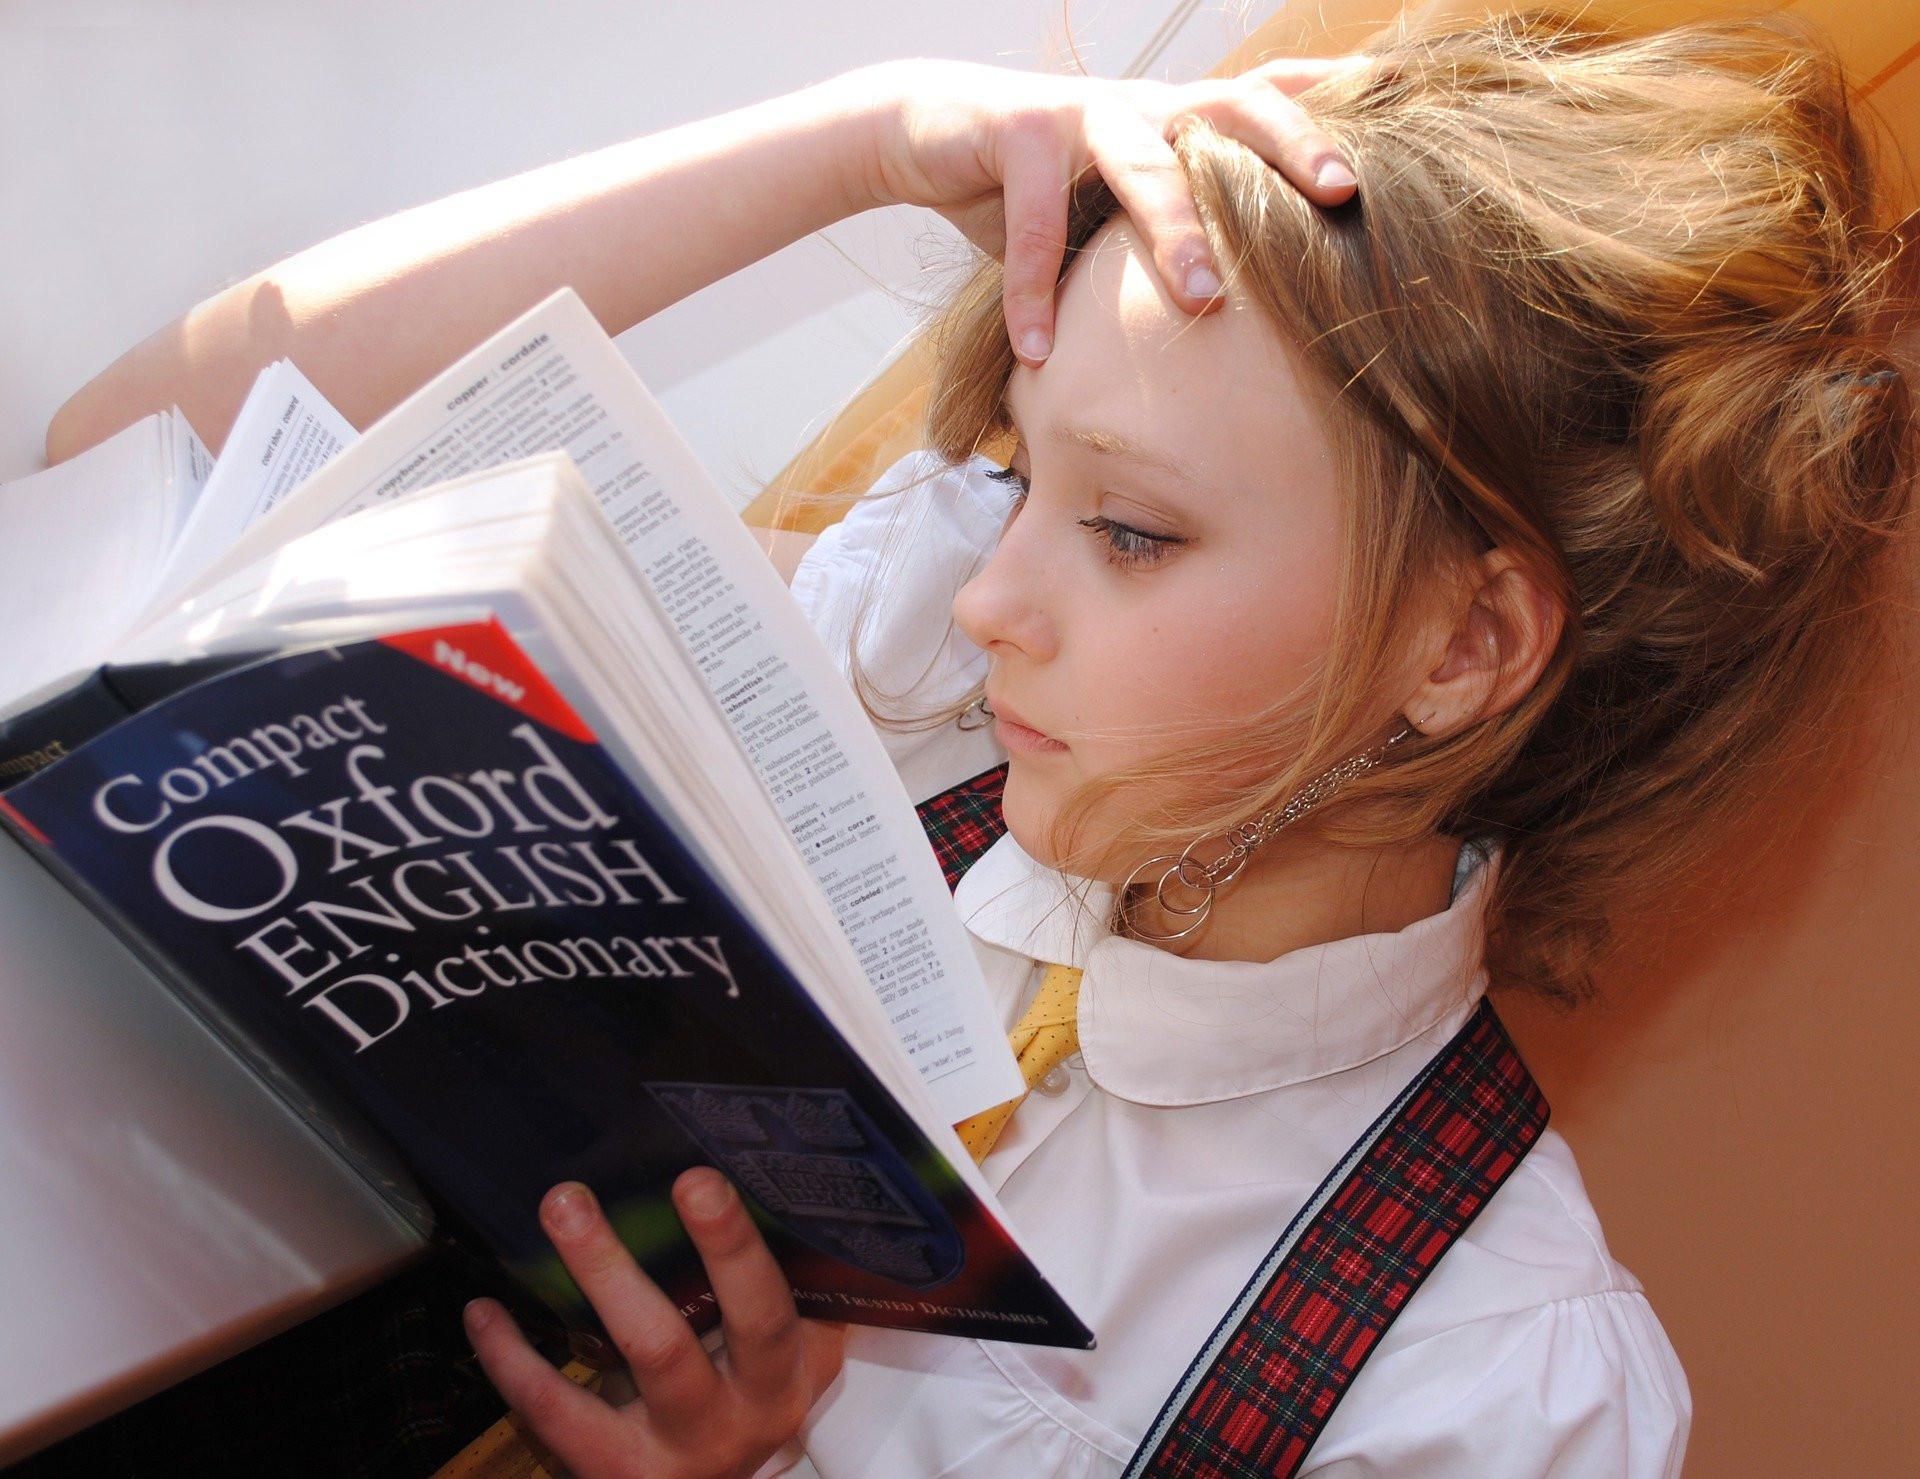 zasady kraju dotyczące umawiania się z moją córką